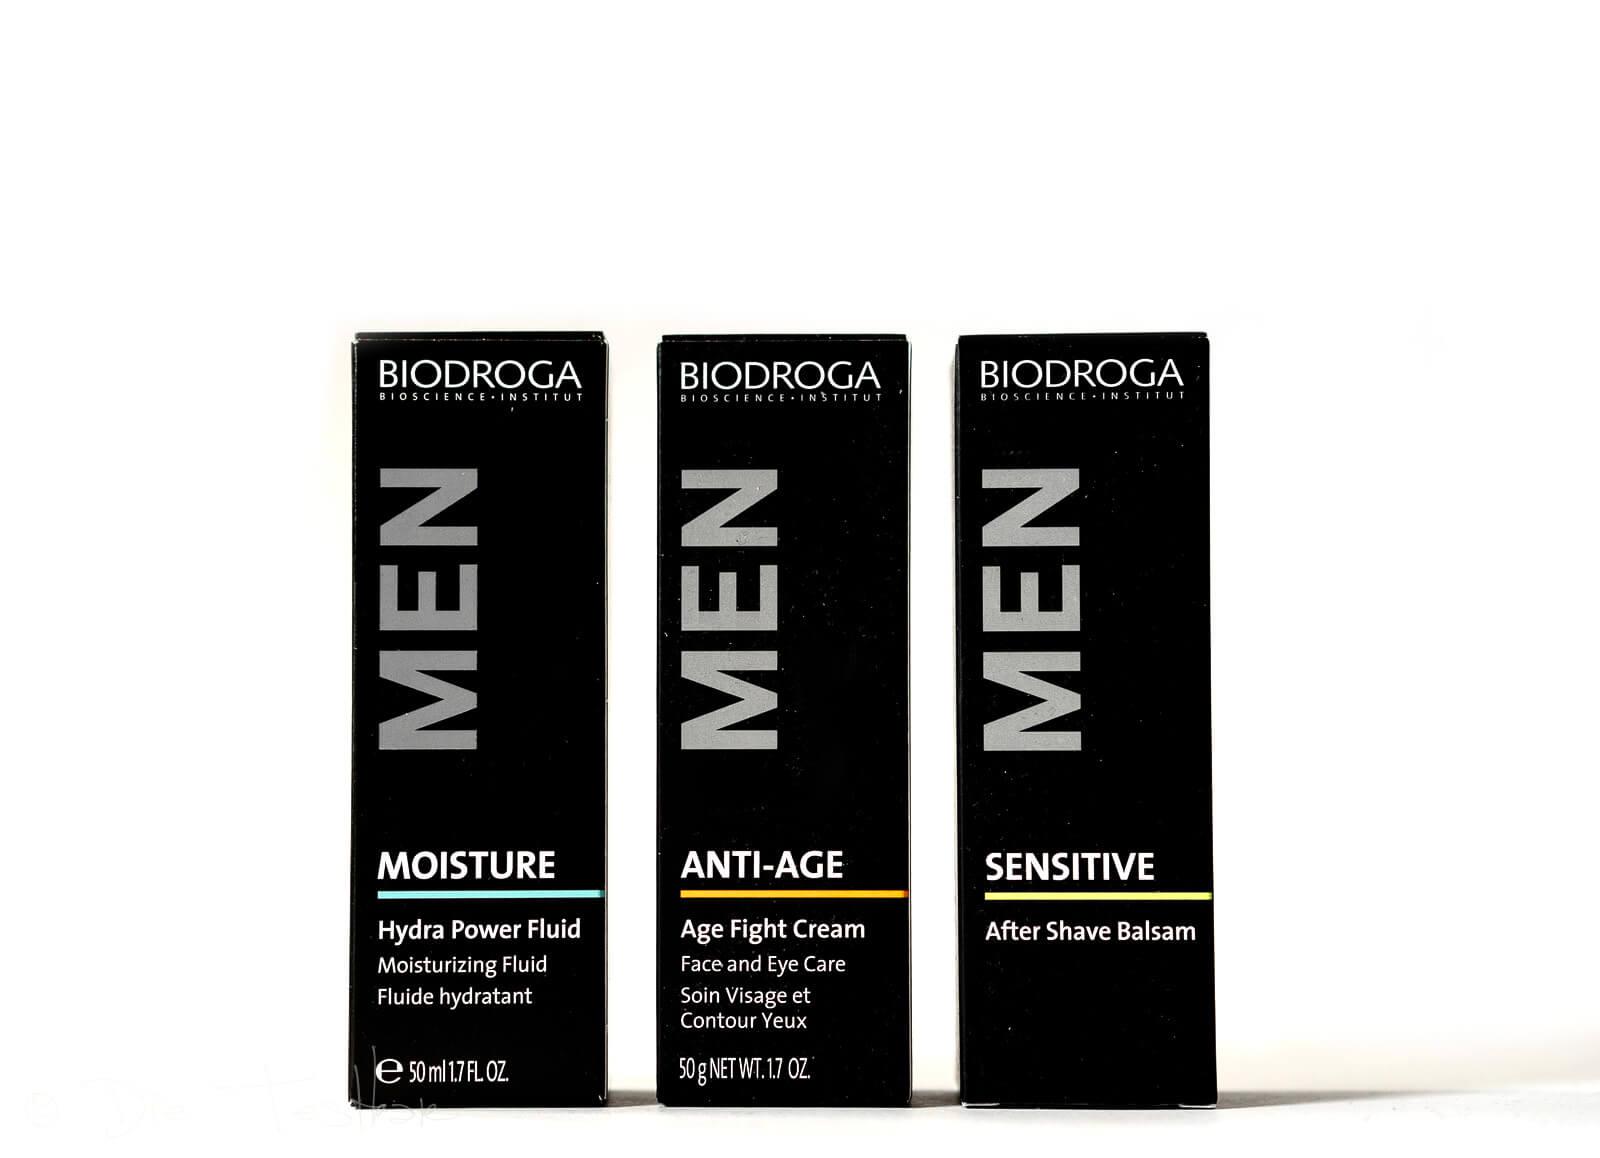 Biodroga Men - Das Geheimnis perfekt gepflegter Männerhaut